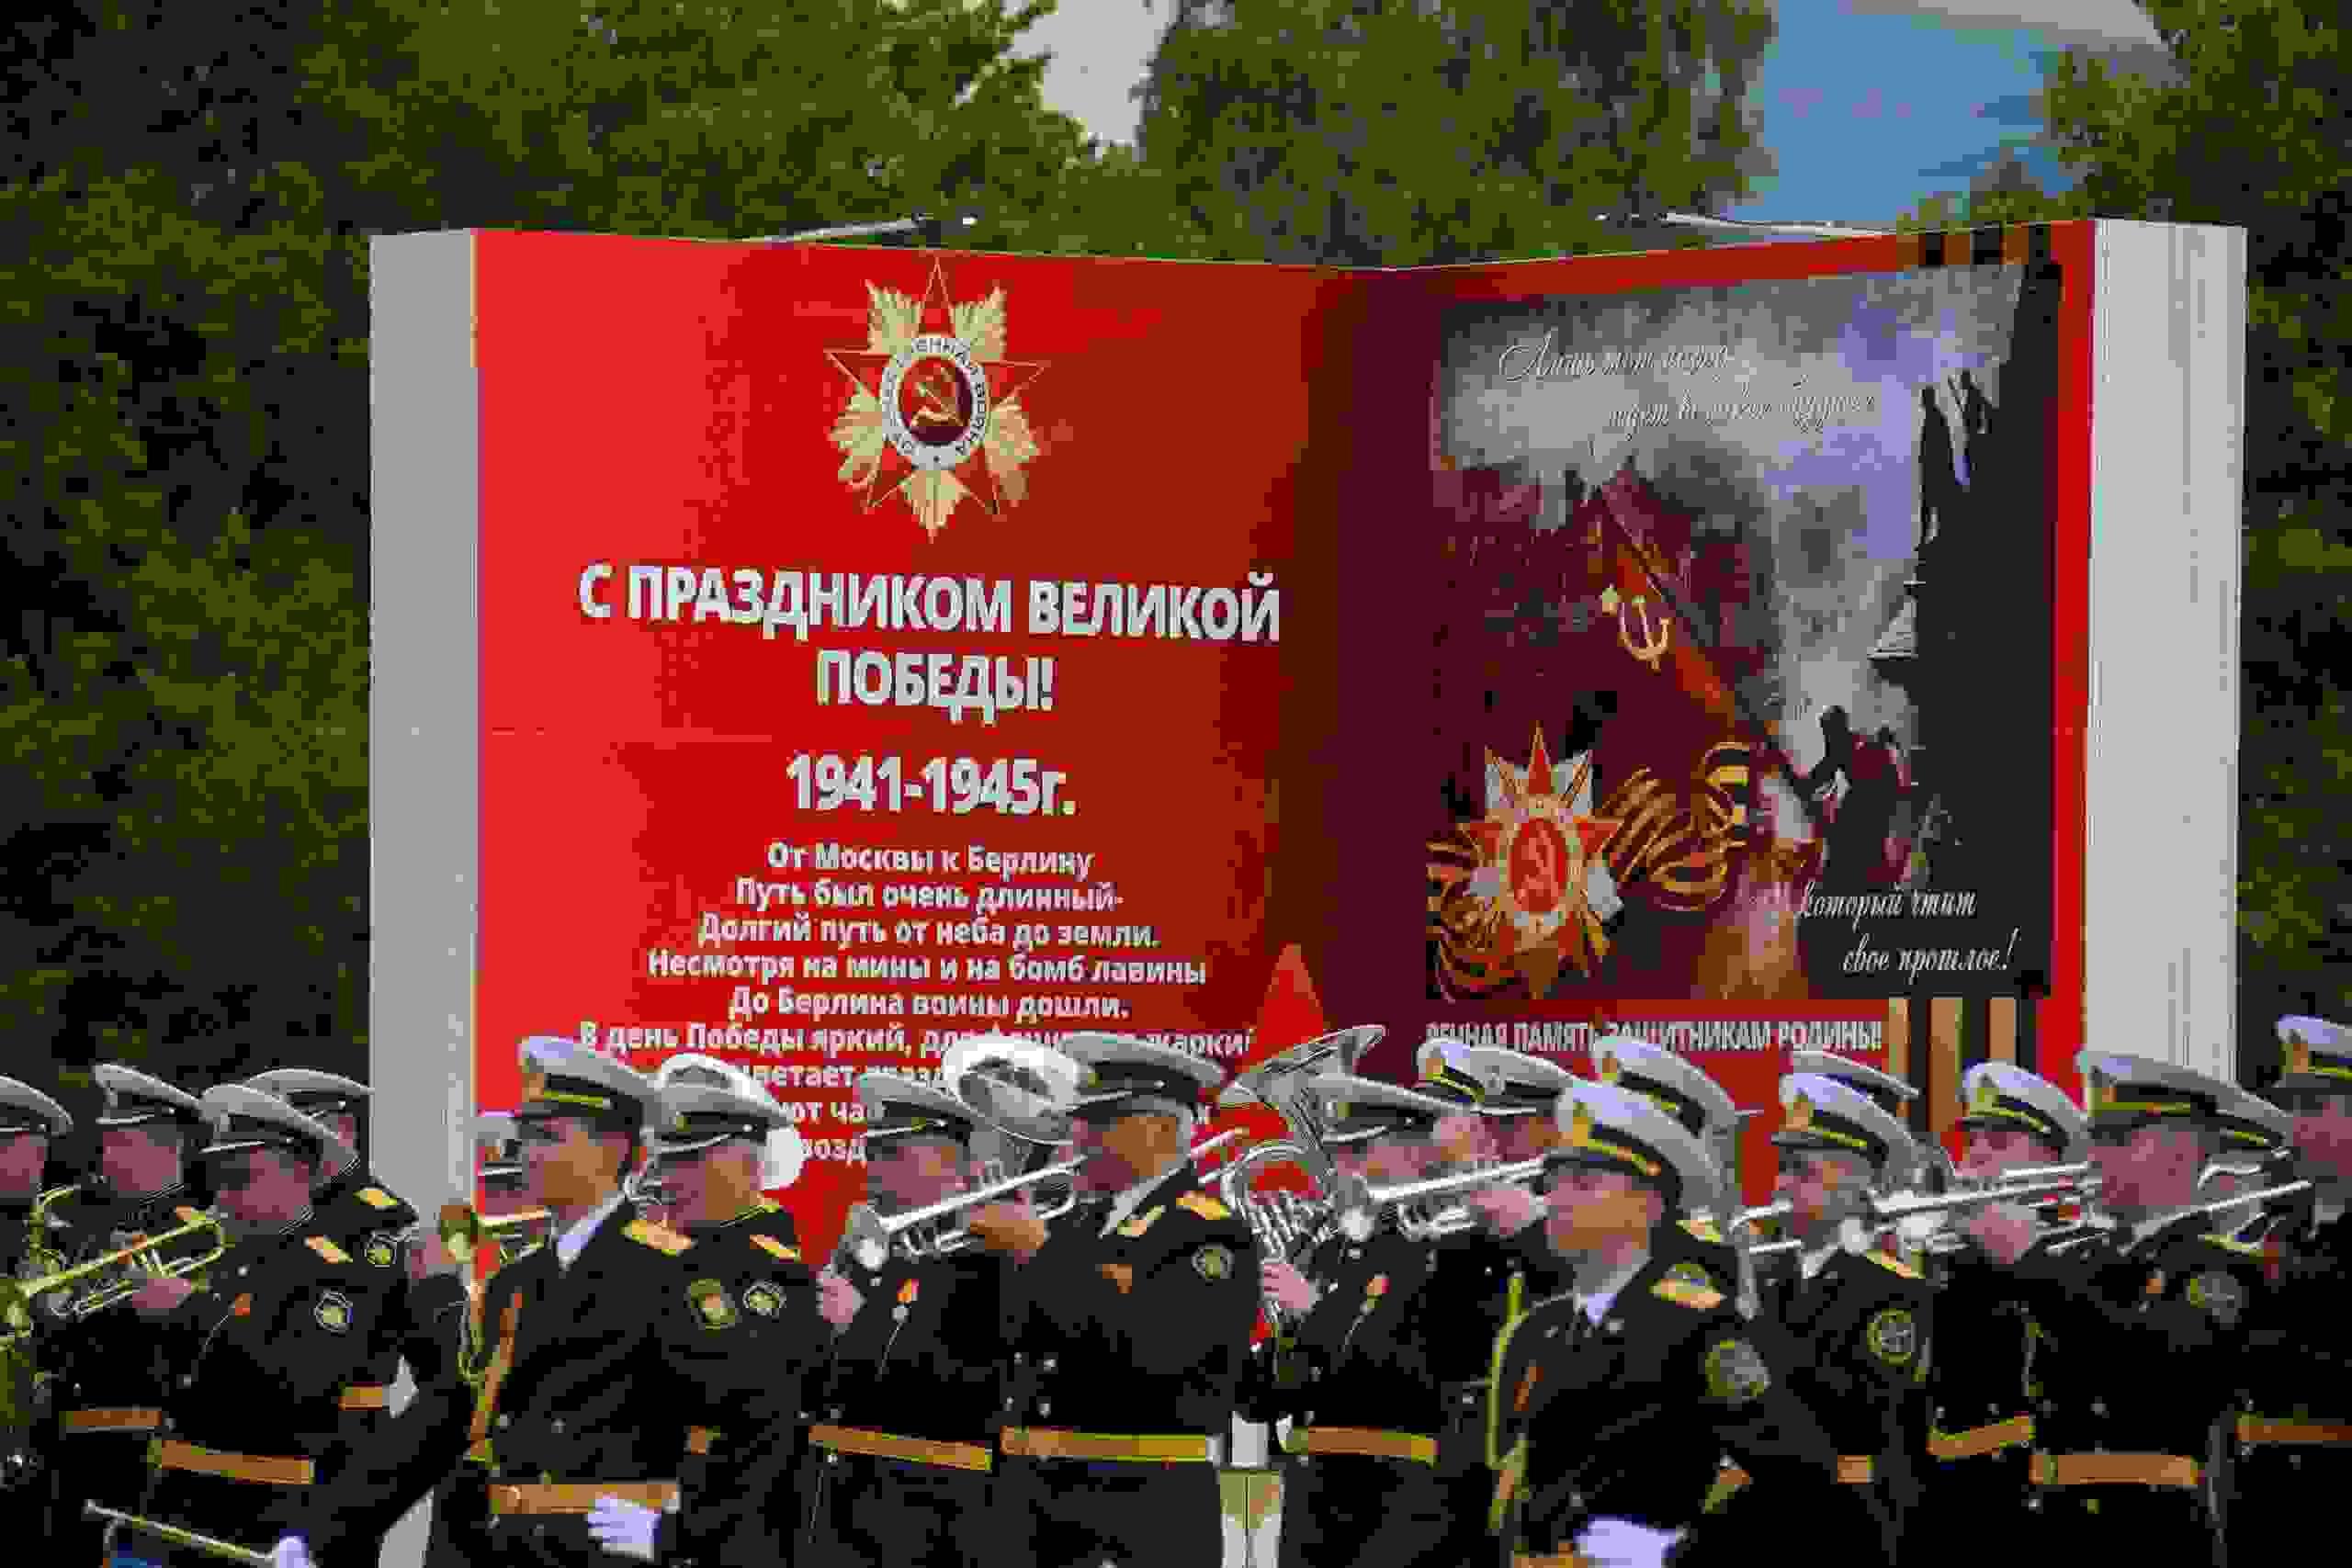 В Новороссийске  прошел парад в честь 76-ой годовщины Великой Победы